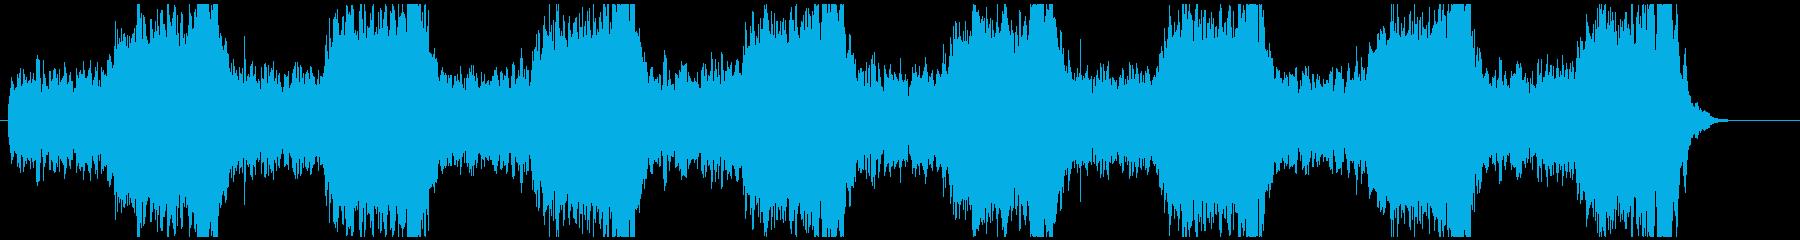 緊張感のあるクラシック曲【オーケストラ】の再生済みの波形